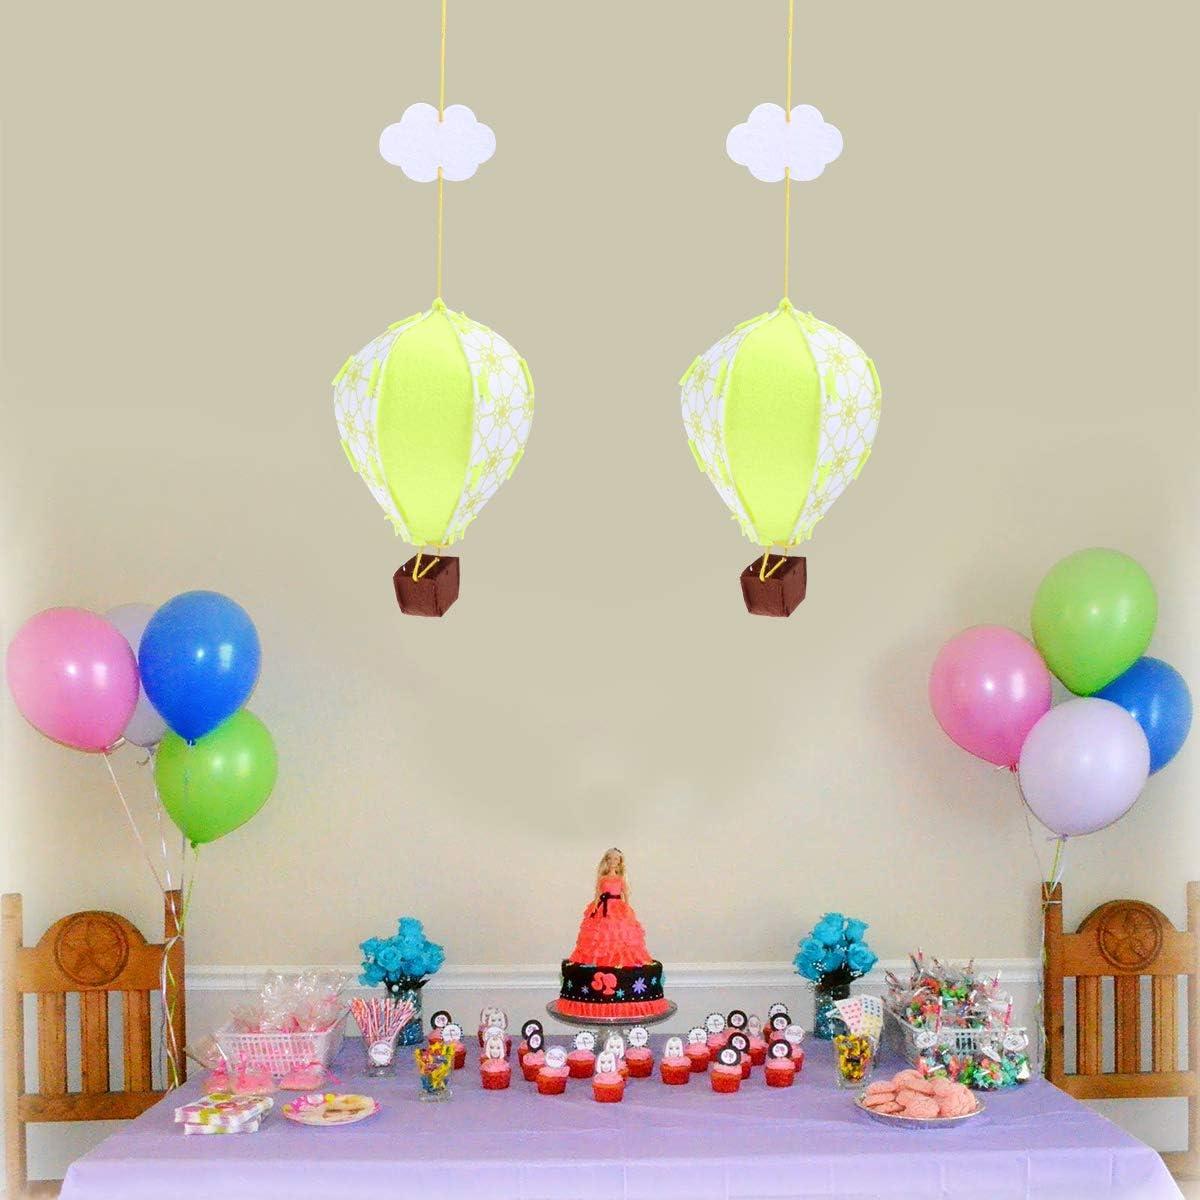 YeahiBaby 6pcs Bricolage Feutre Artisanat d/écorations de Ballons /à air Chaud Guirlande Suspendus d/écorations darbre de no/ël la f/ête danniversaire Chambre de b/éb/é Chambre denfant b/éb/é Douche Bl